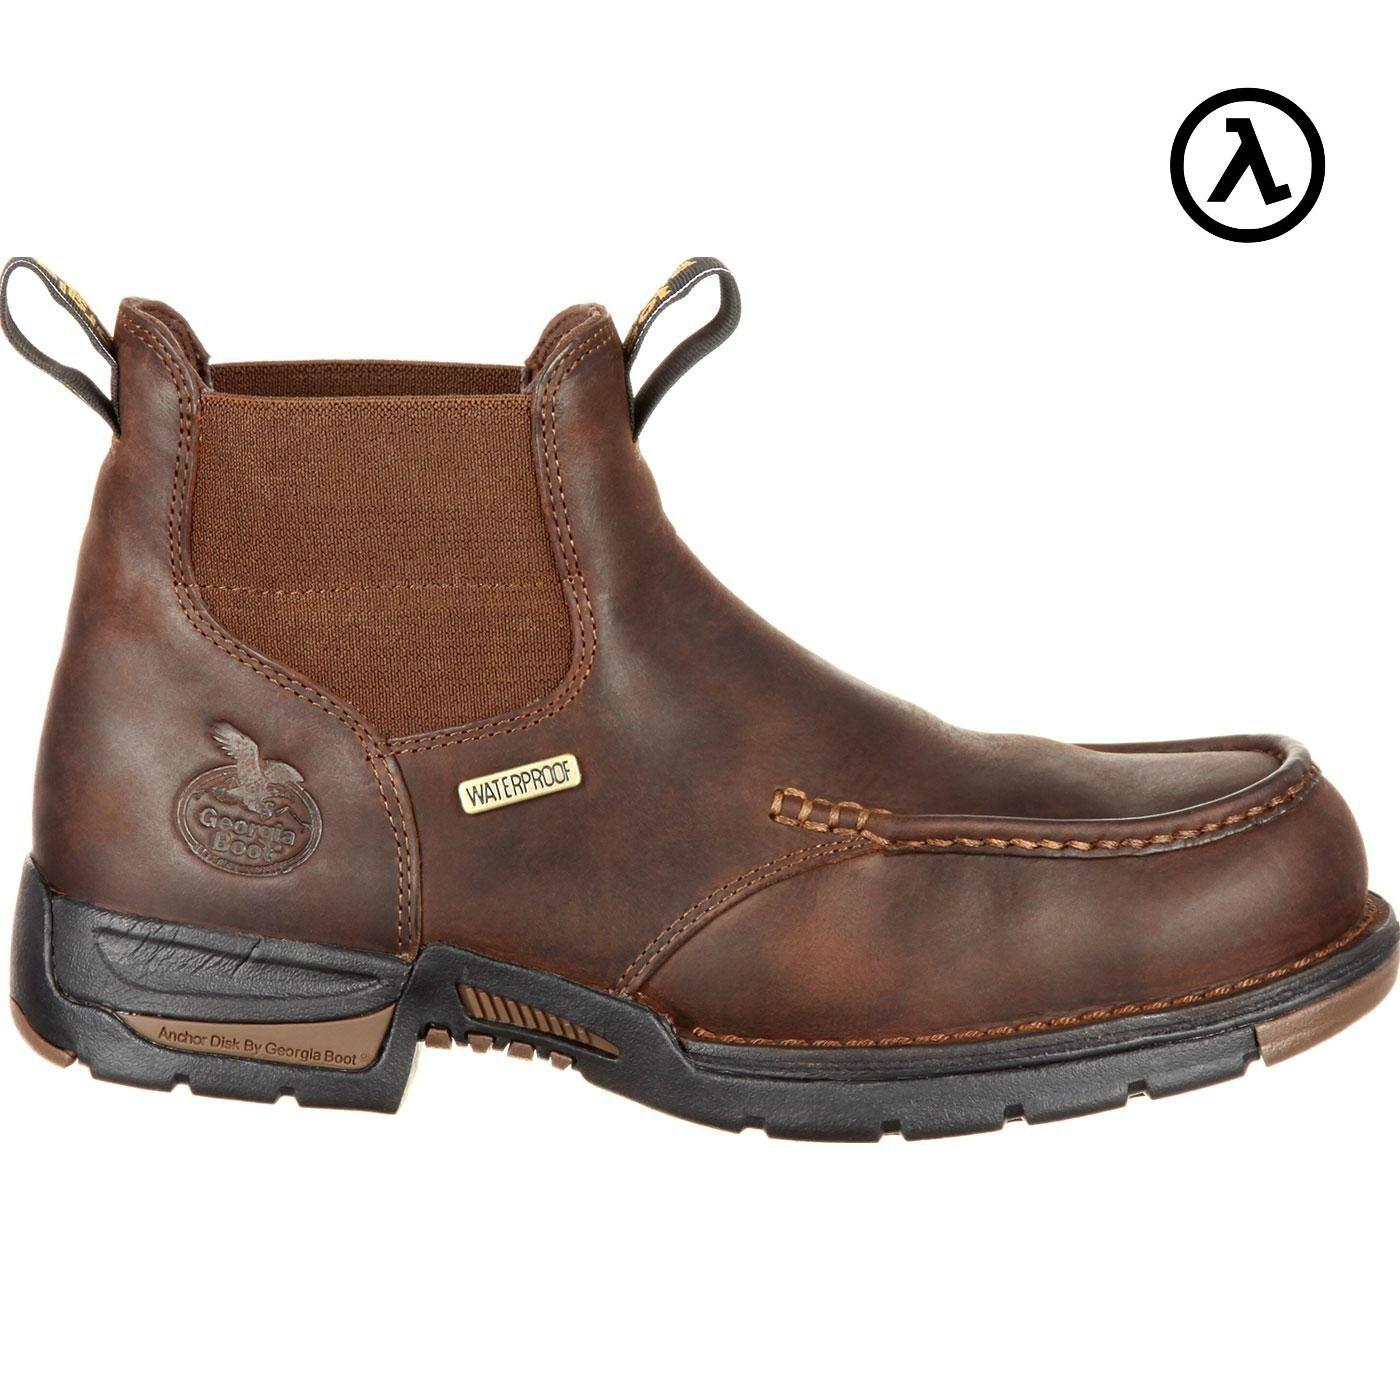 GEORGIA bota Atenas Chelsea Impermeable botas De Trabajo GB00156  todos Los Tamaños-Nuevo